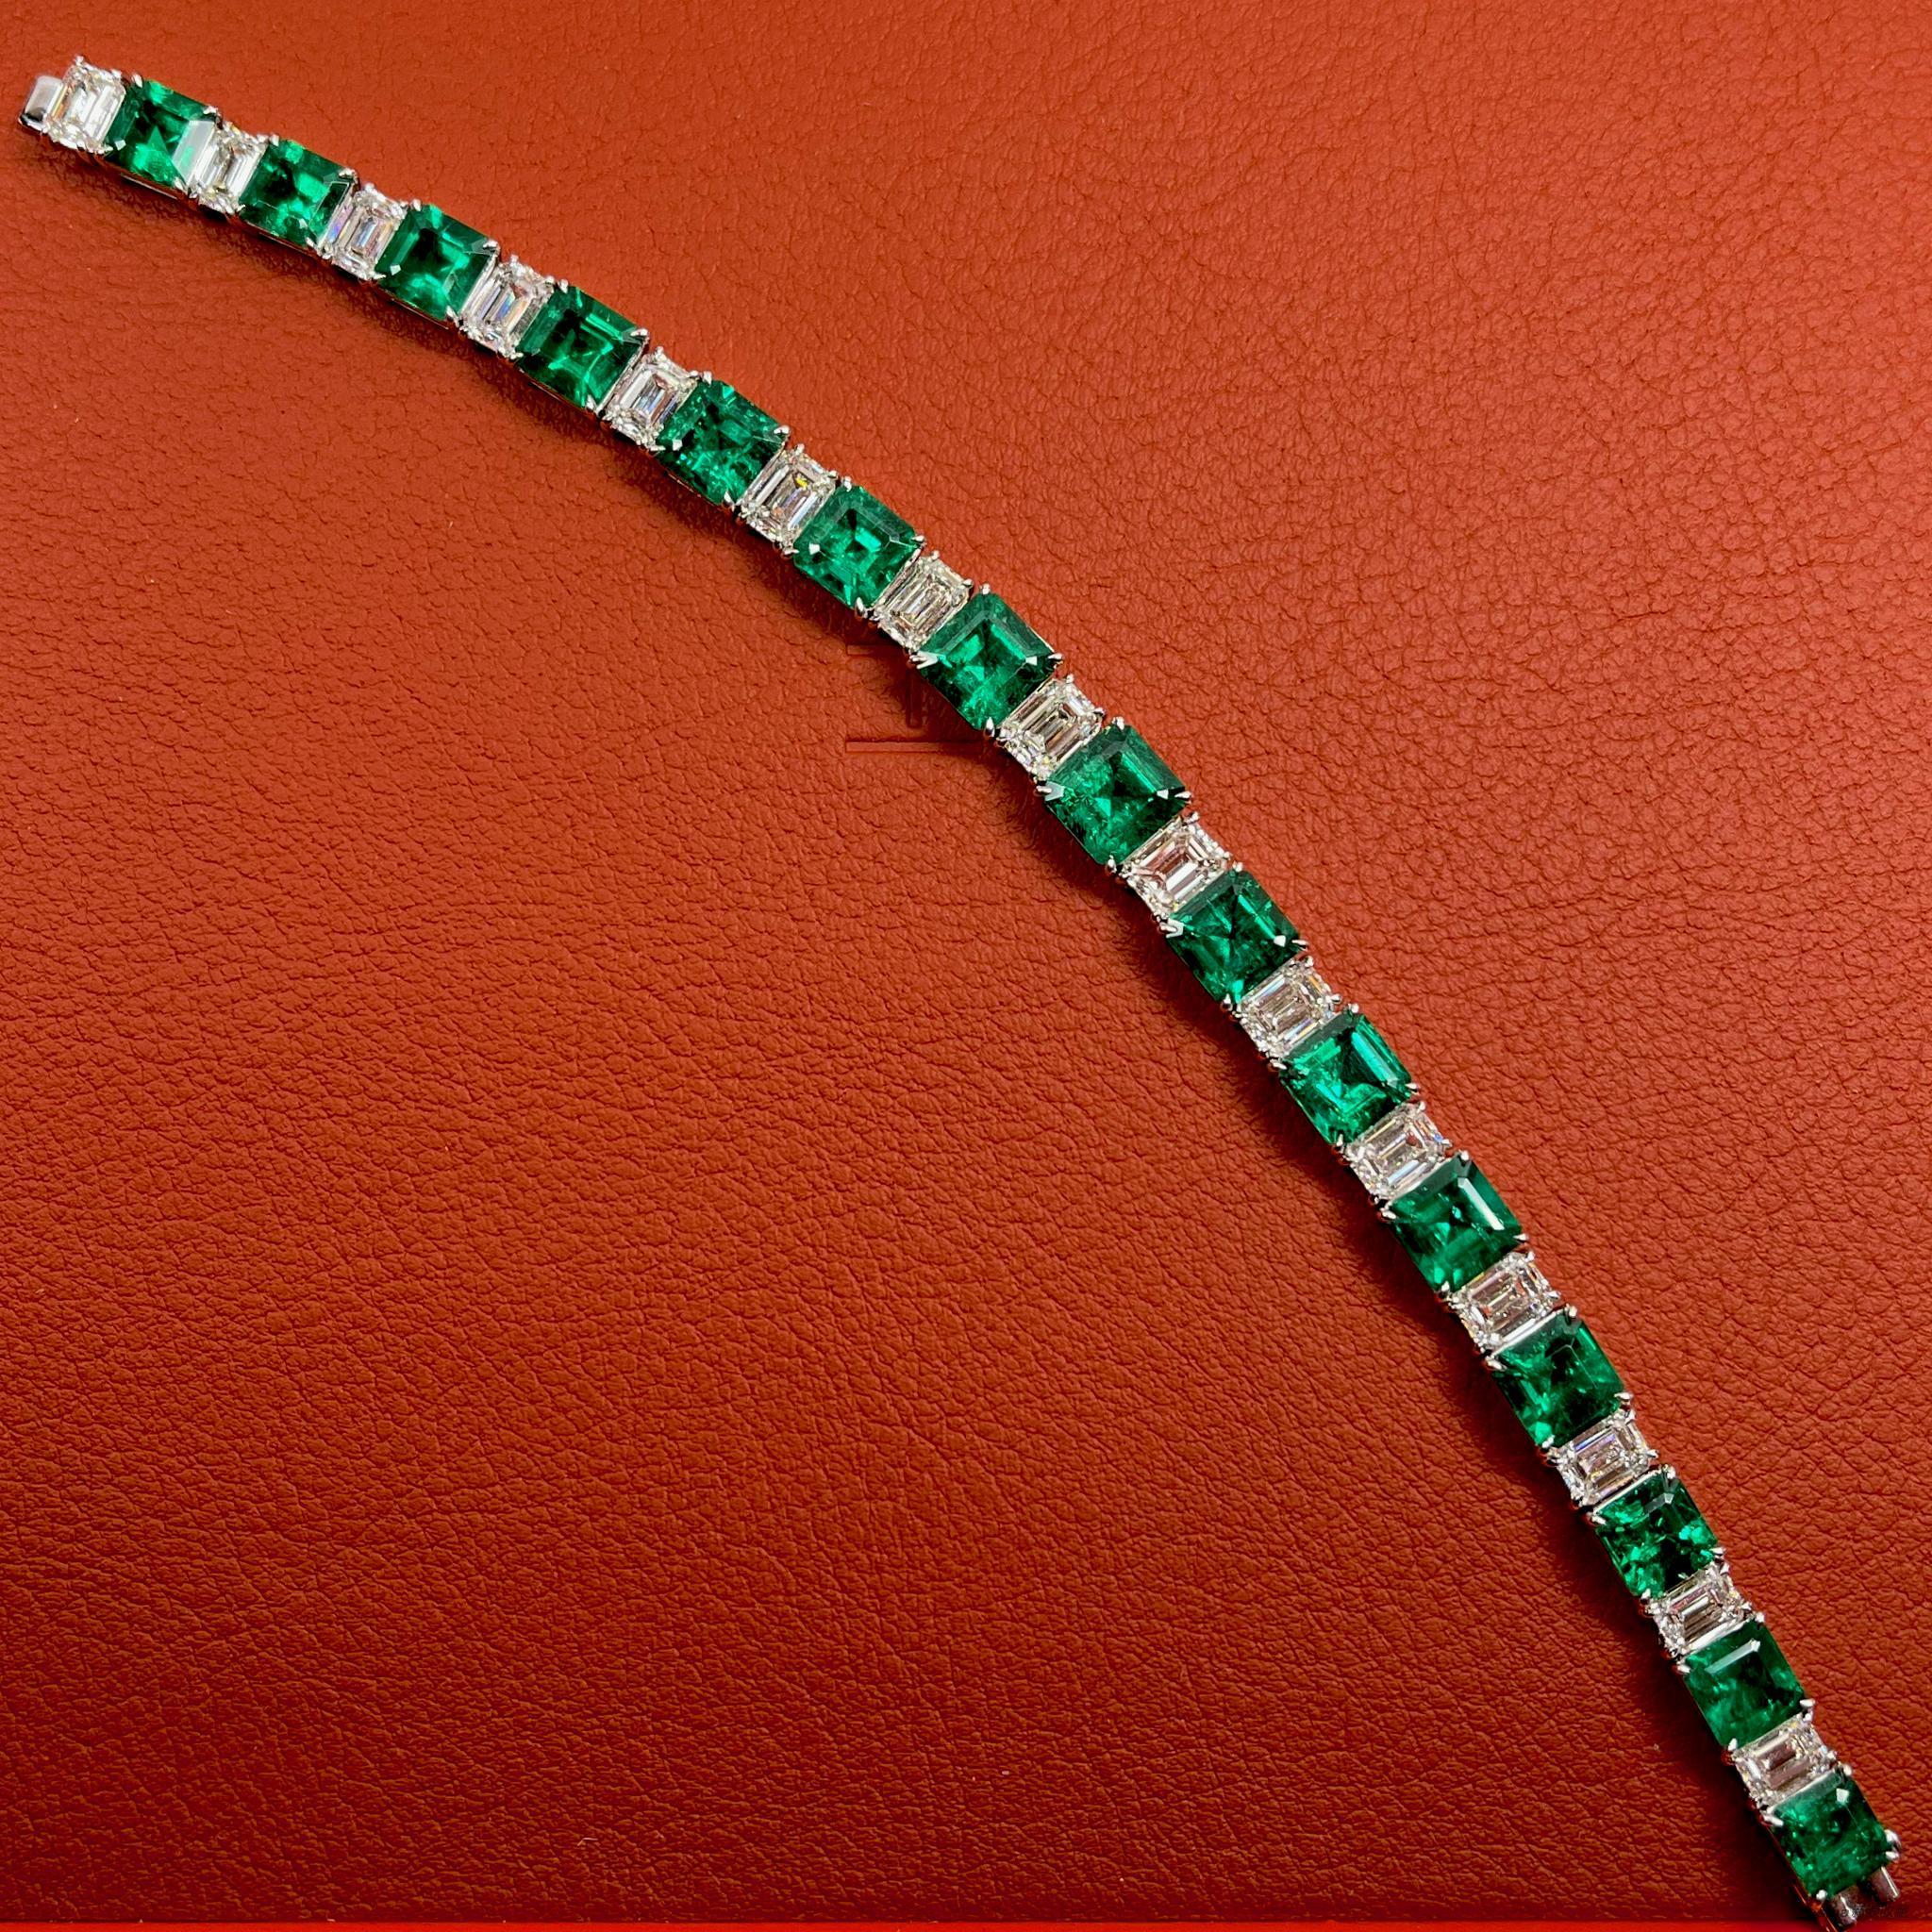 哥倫比亞祖母綠鉆石手鏈 珺豪珠寶